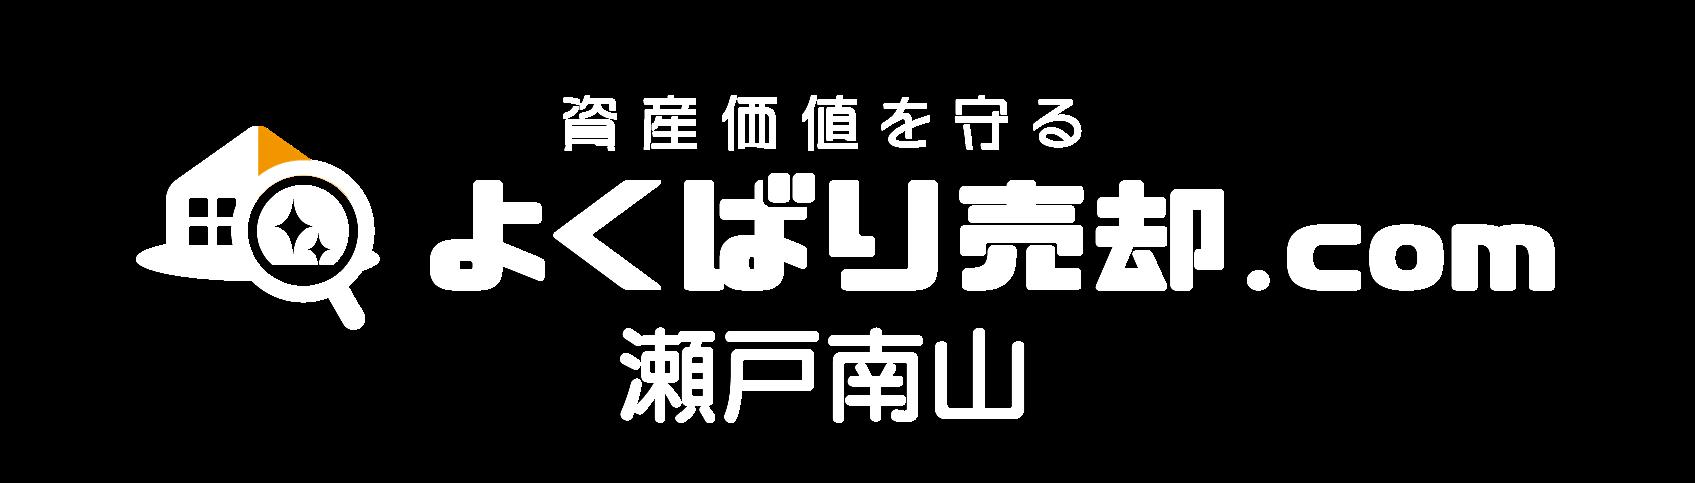 よくばり売却.com 瀬戸南山